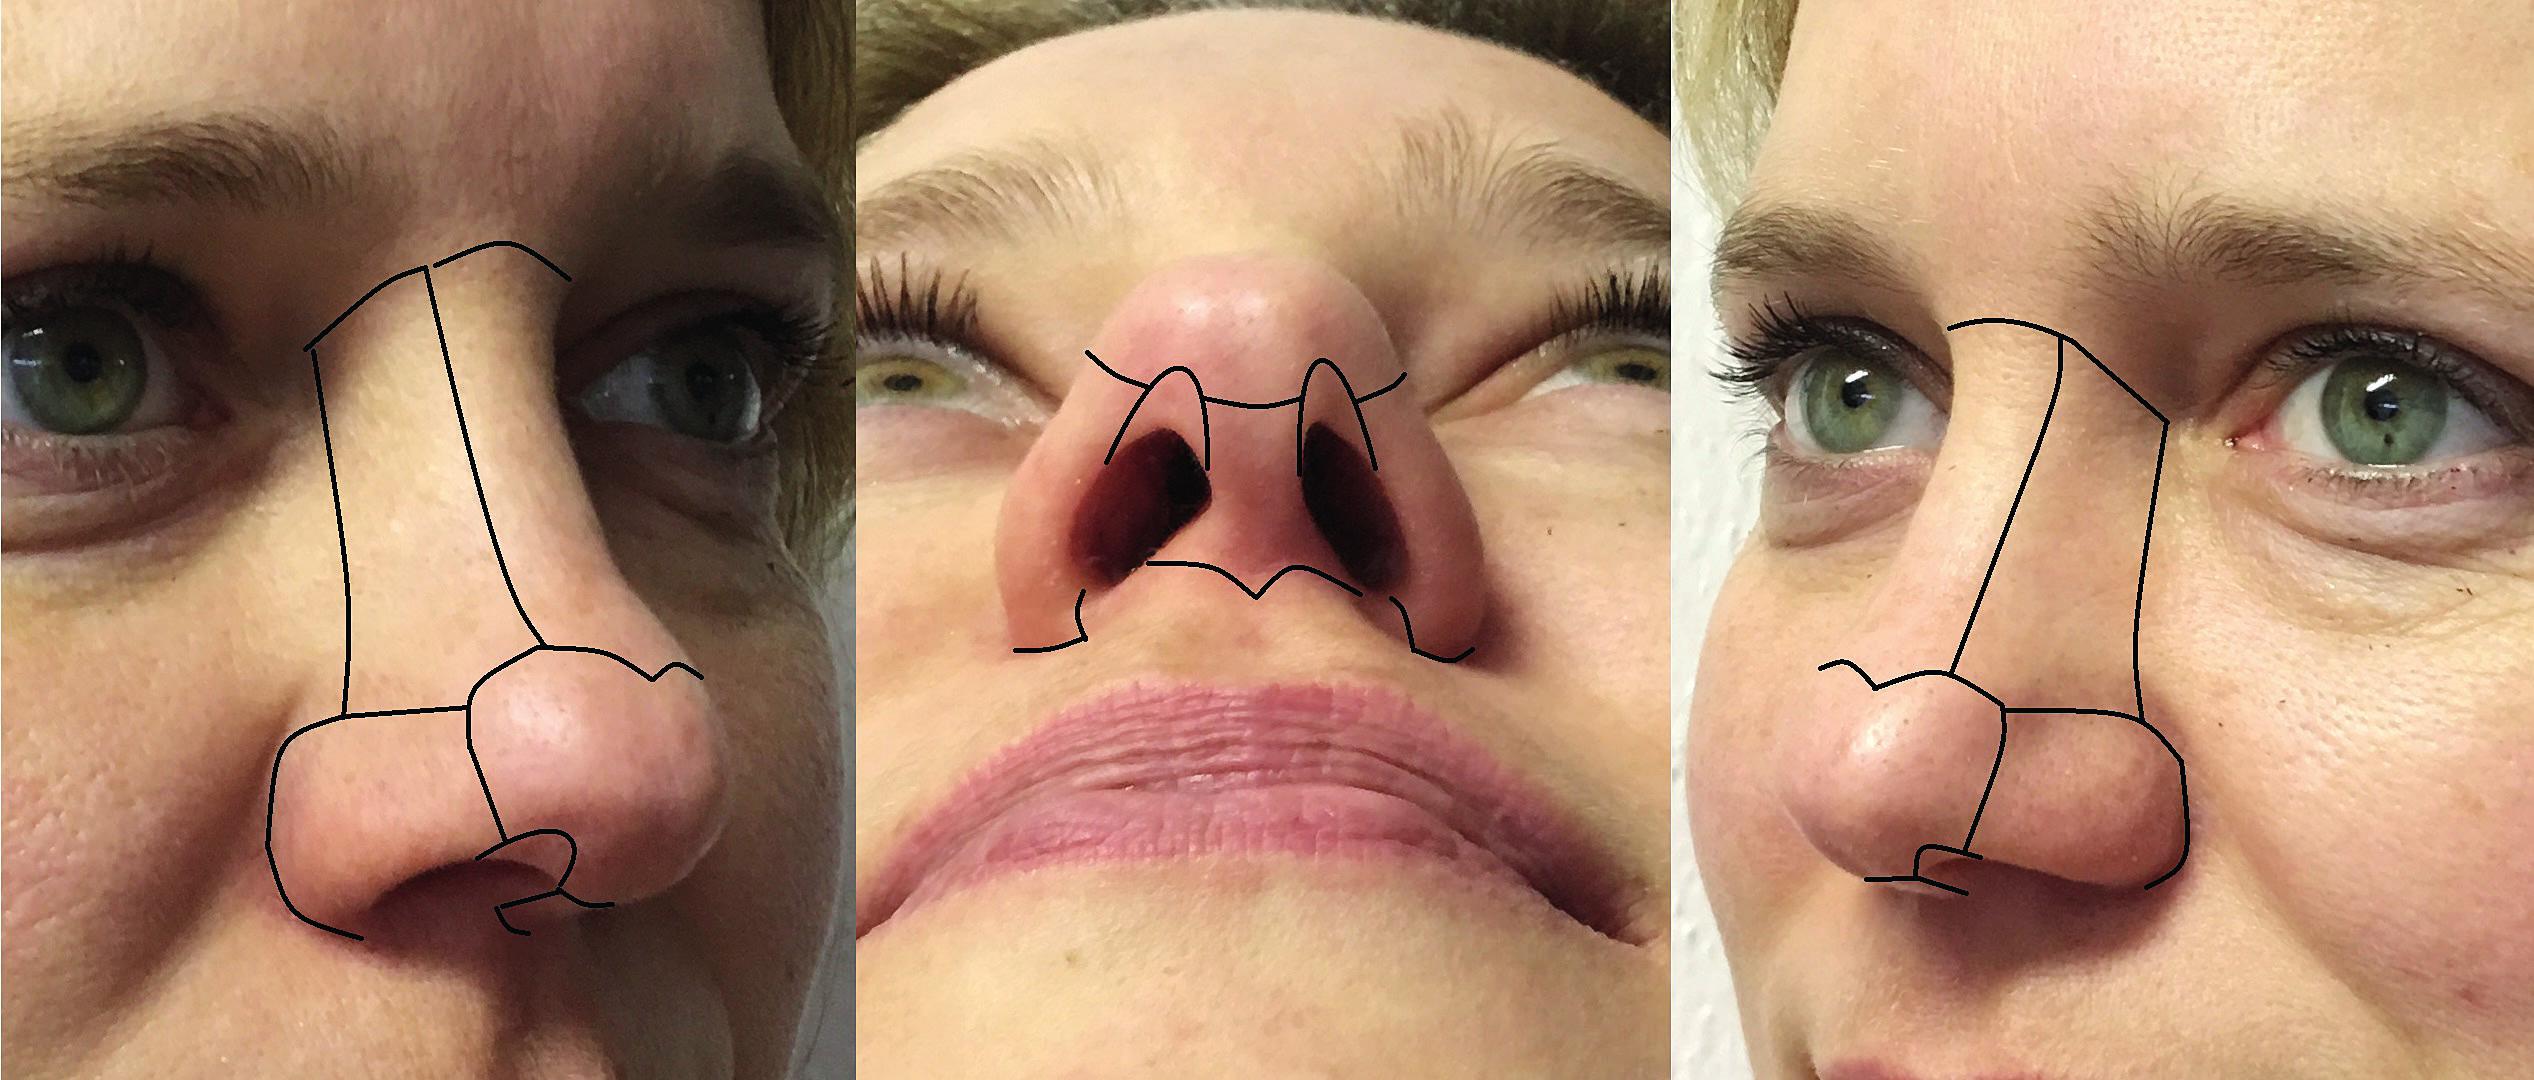 Estetické podjednotky nosu dle Burgeta a Jenička. (Fotografie jsou publikovány se souhlasem pacientek.)